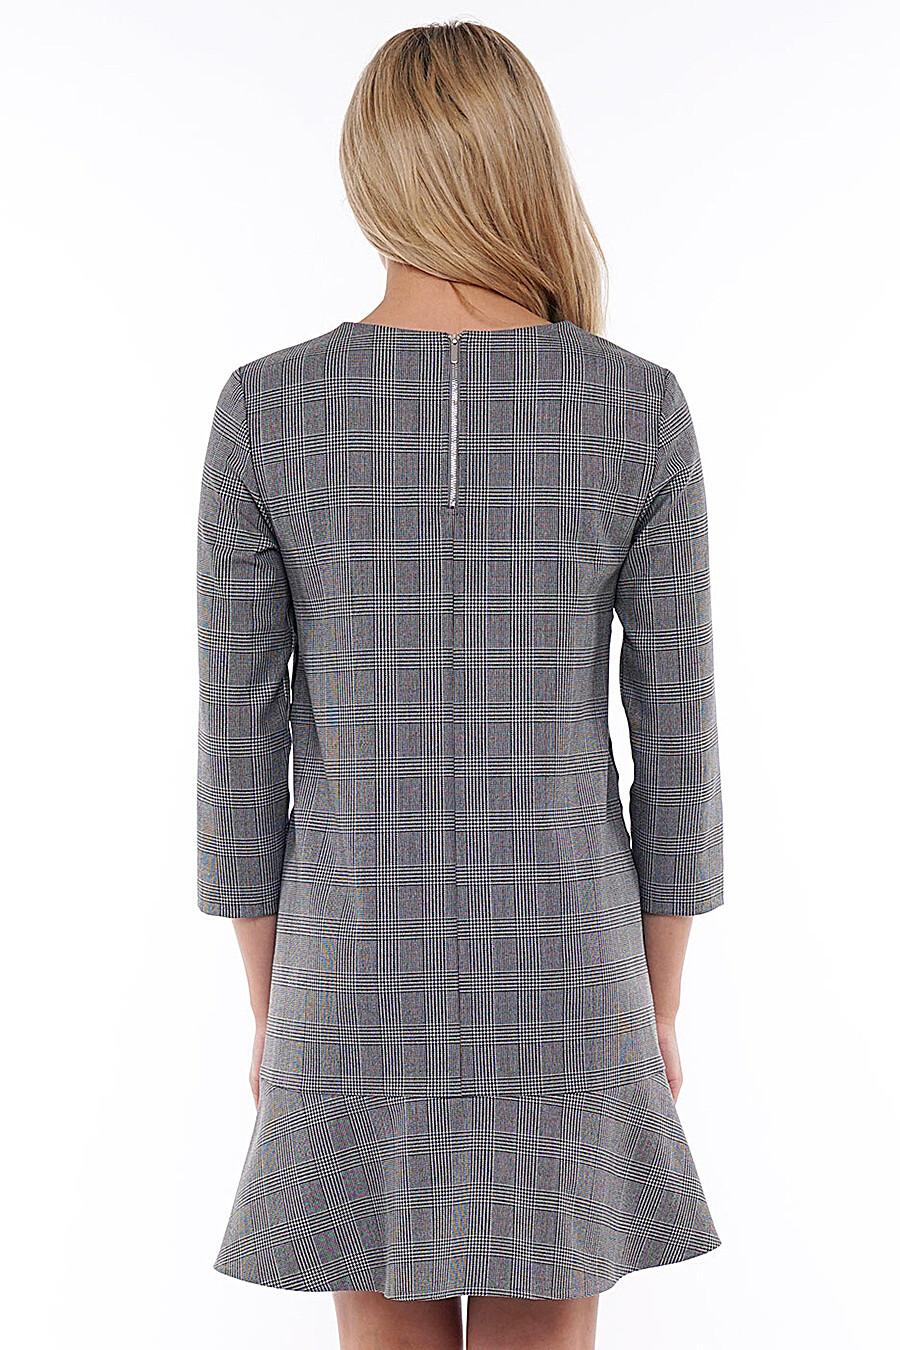 Платье для женщин CLEVER 155180 купить оптом от производителя. Совместная покупка женской одежды в OptMoyo